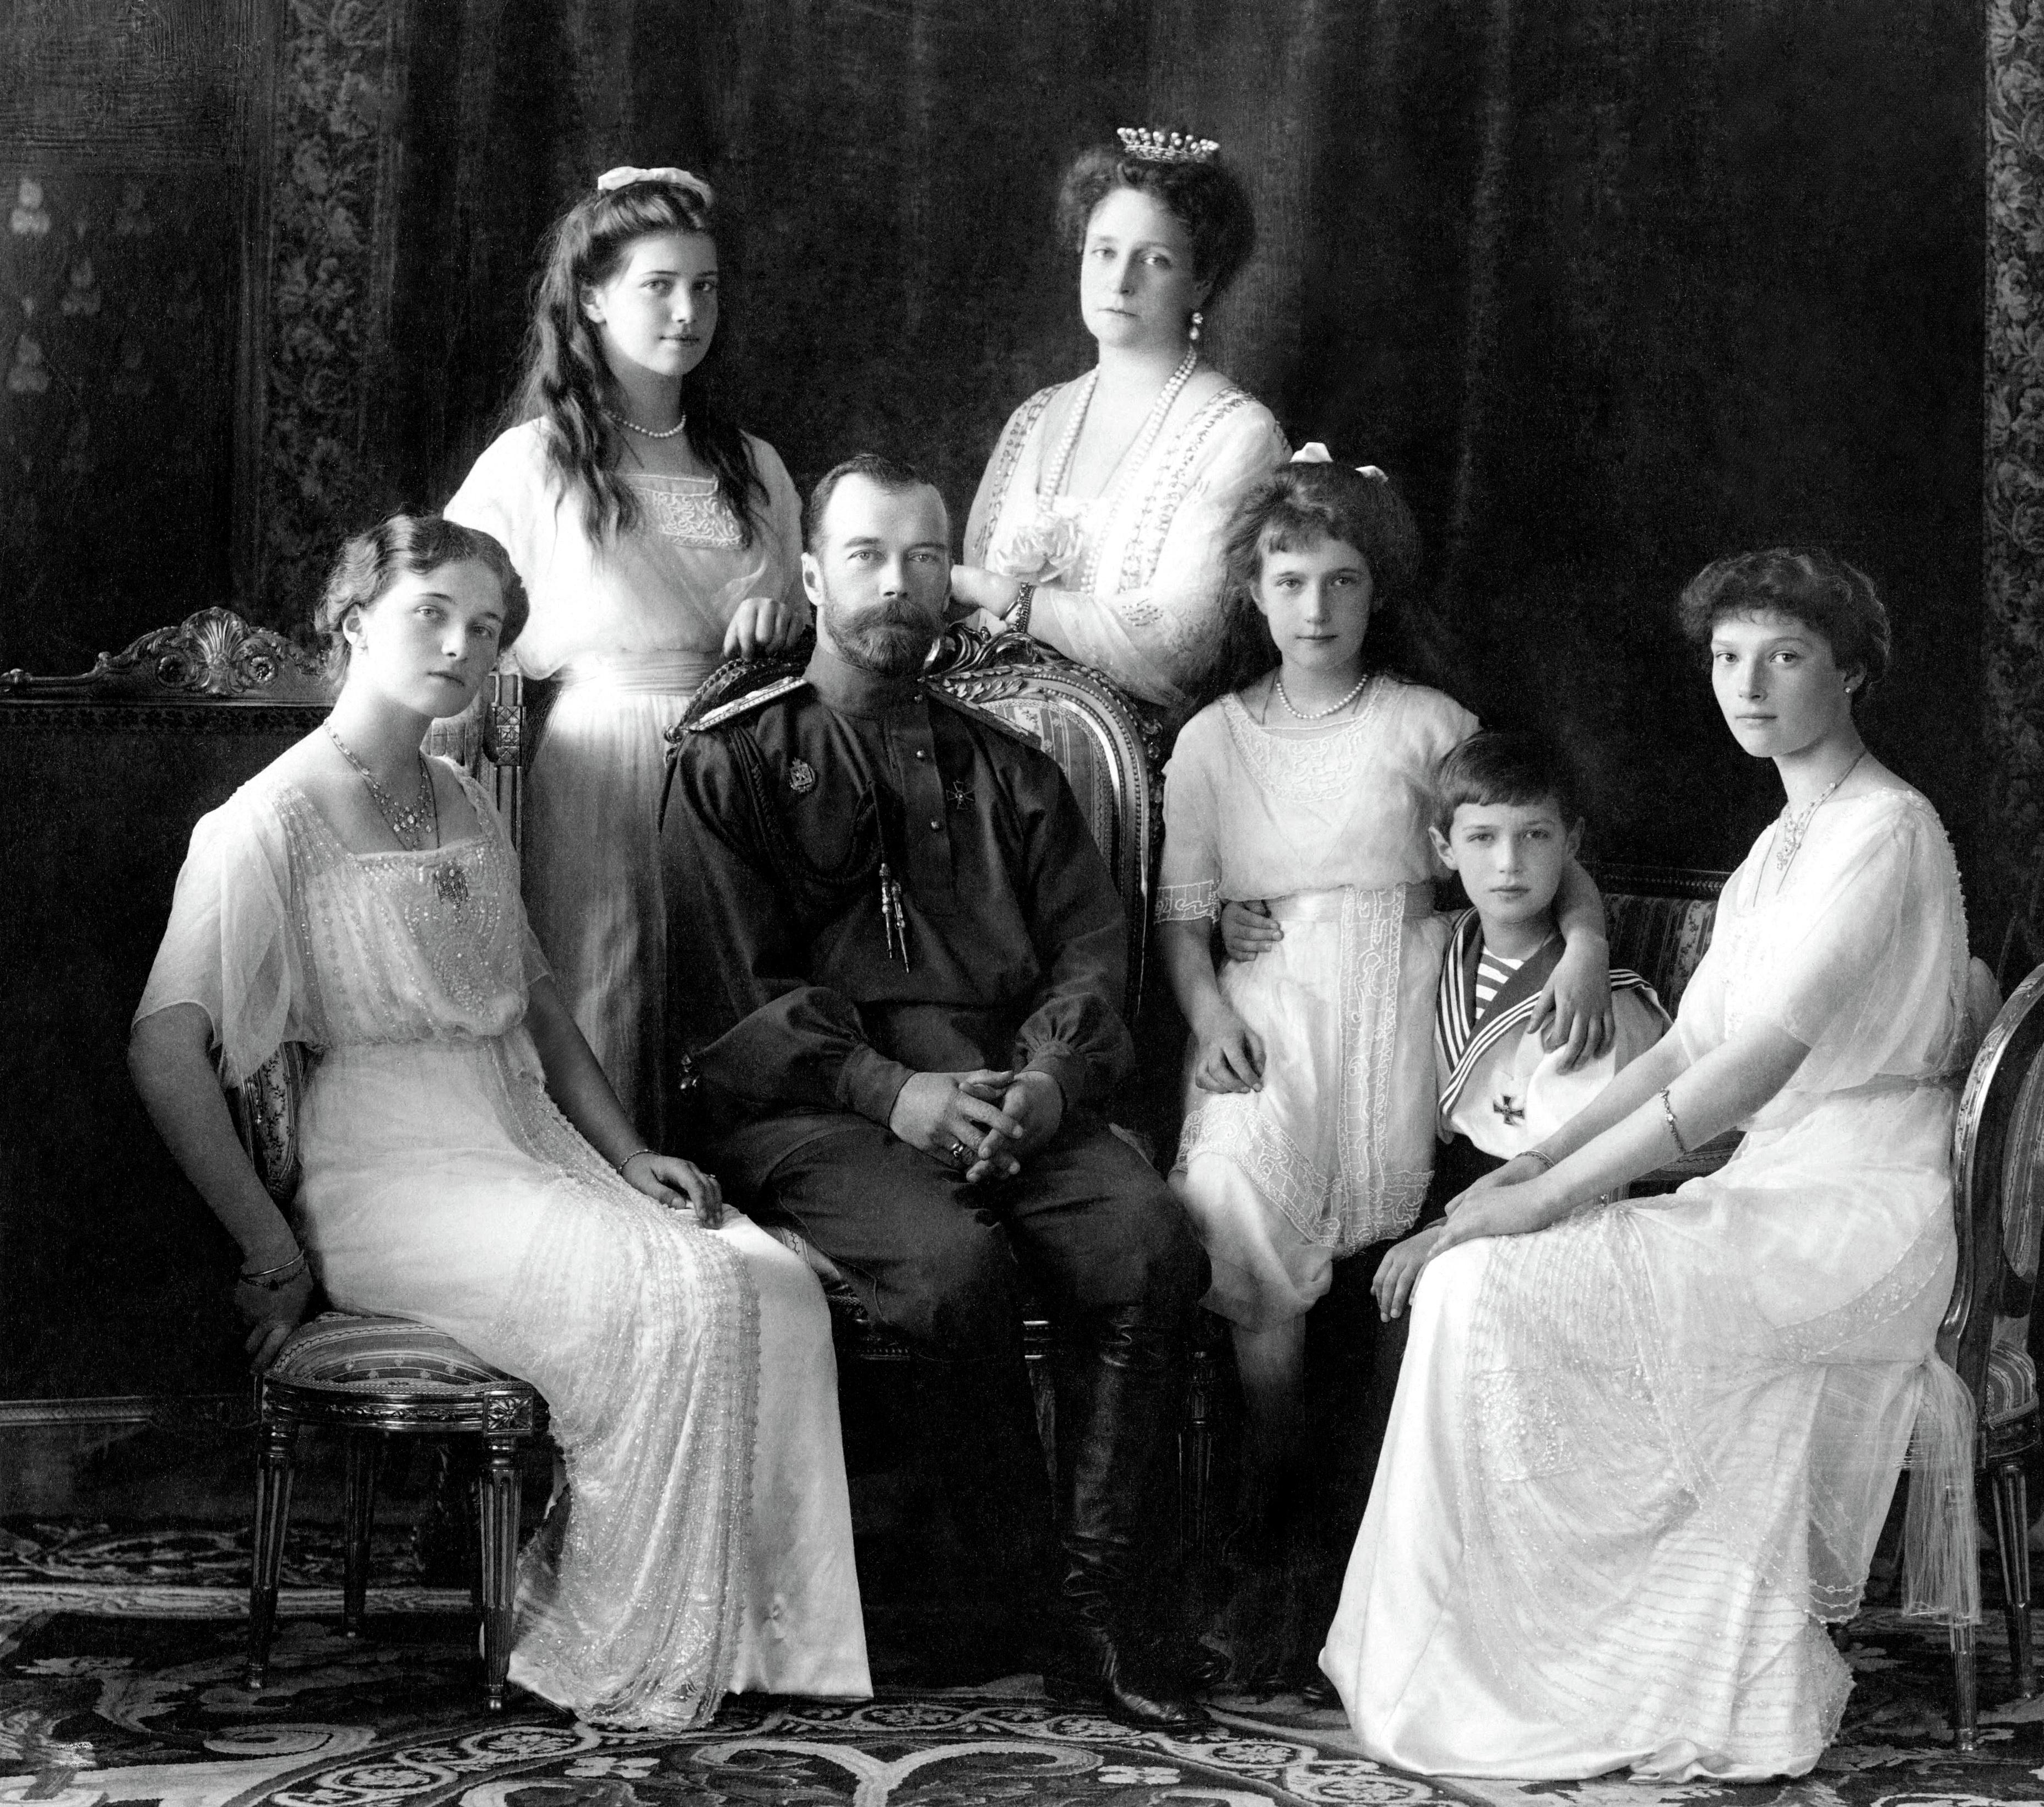 Olga Maria Nicholas Alexandra Anastasia Alexei tatiana